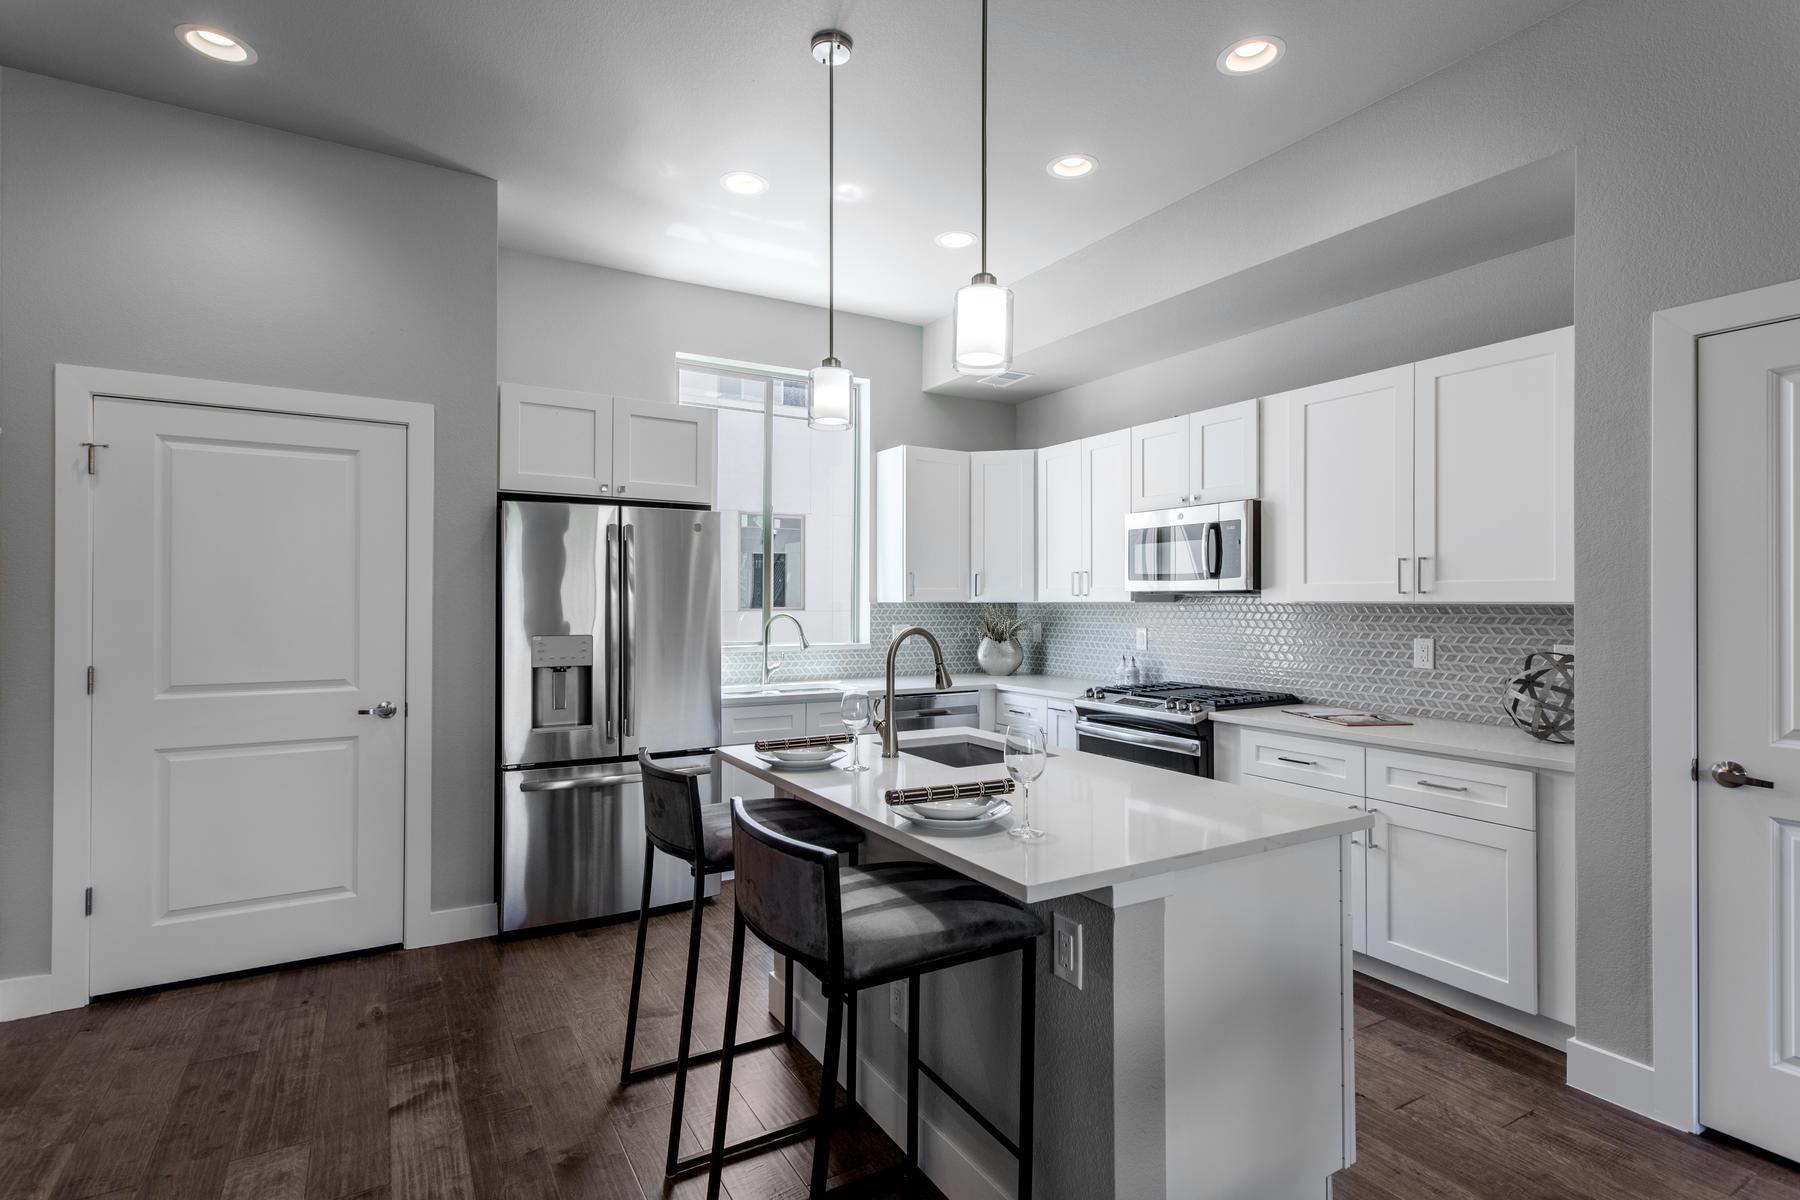 Property für Verkauf beim Observatory Townes 4727 E Iliff Avenue, Denver, Colorado 80220 Vereinigte Staaten